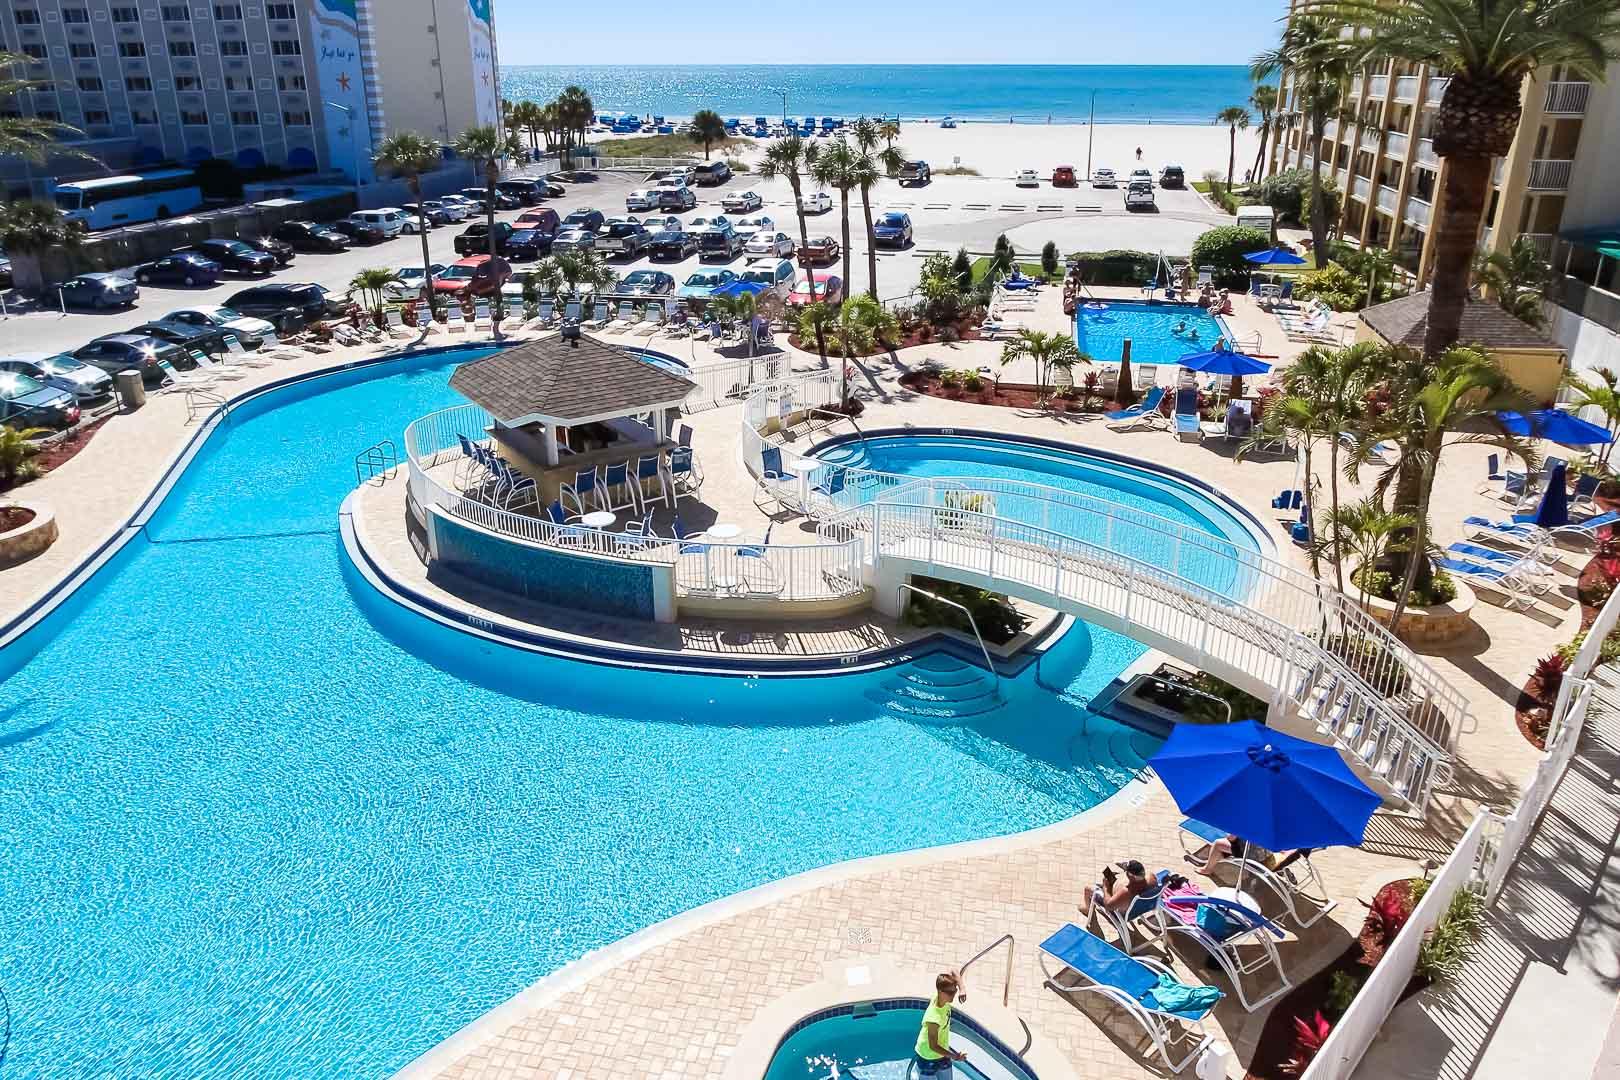 Coral-Reef-Beach-Resort-17